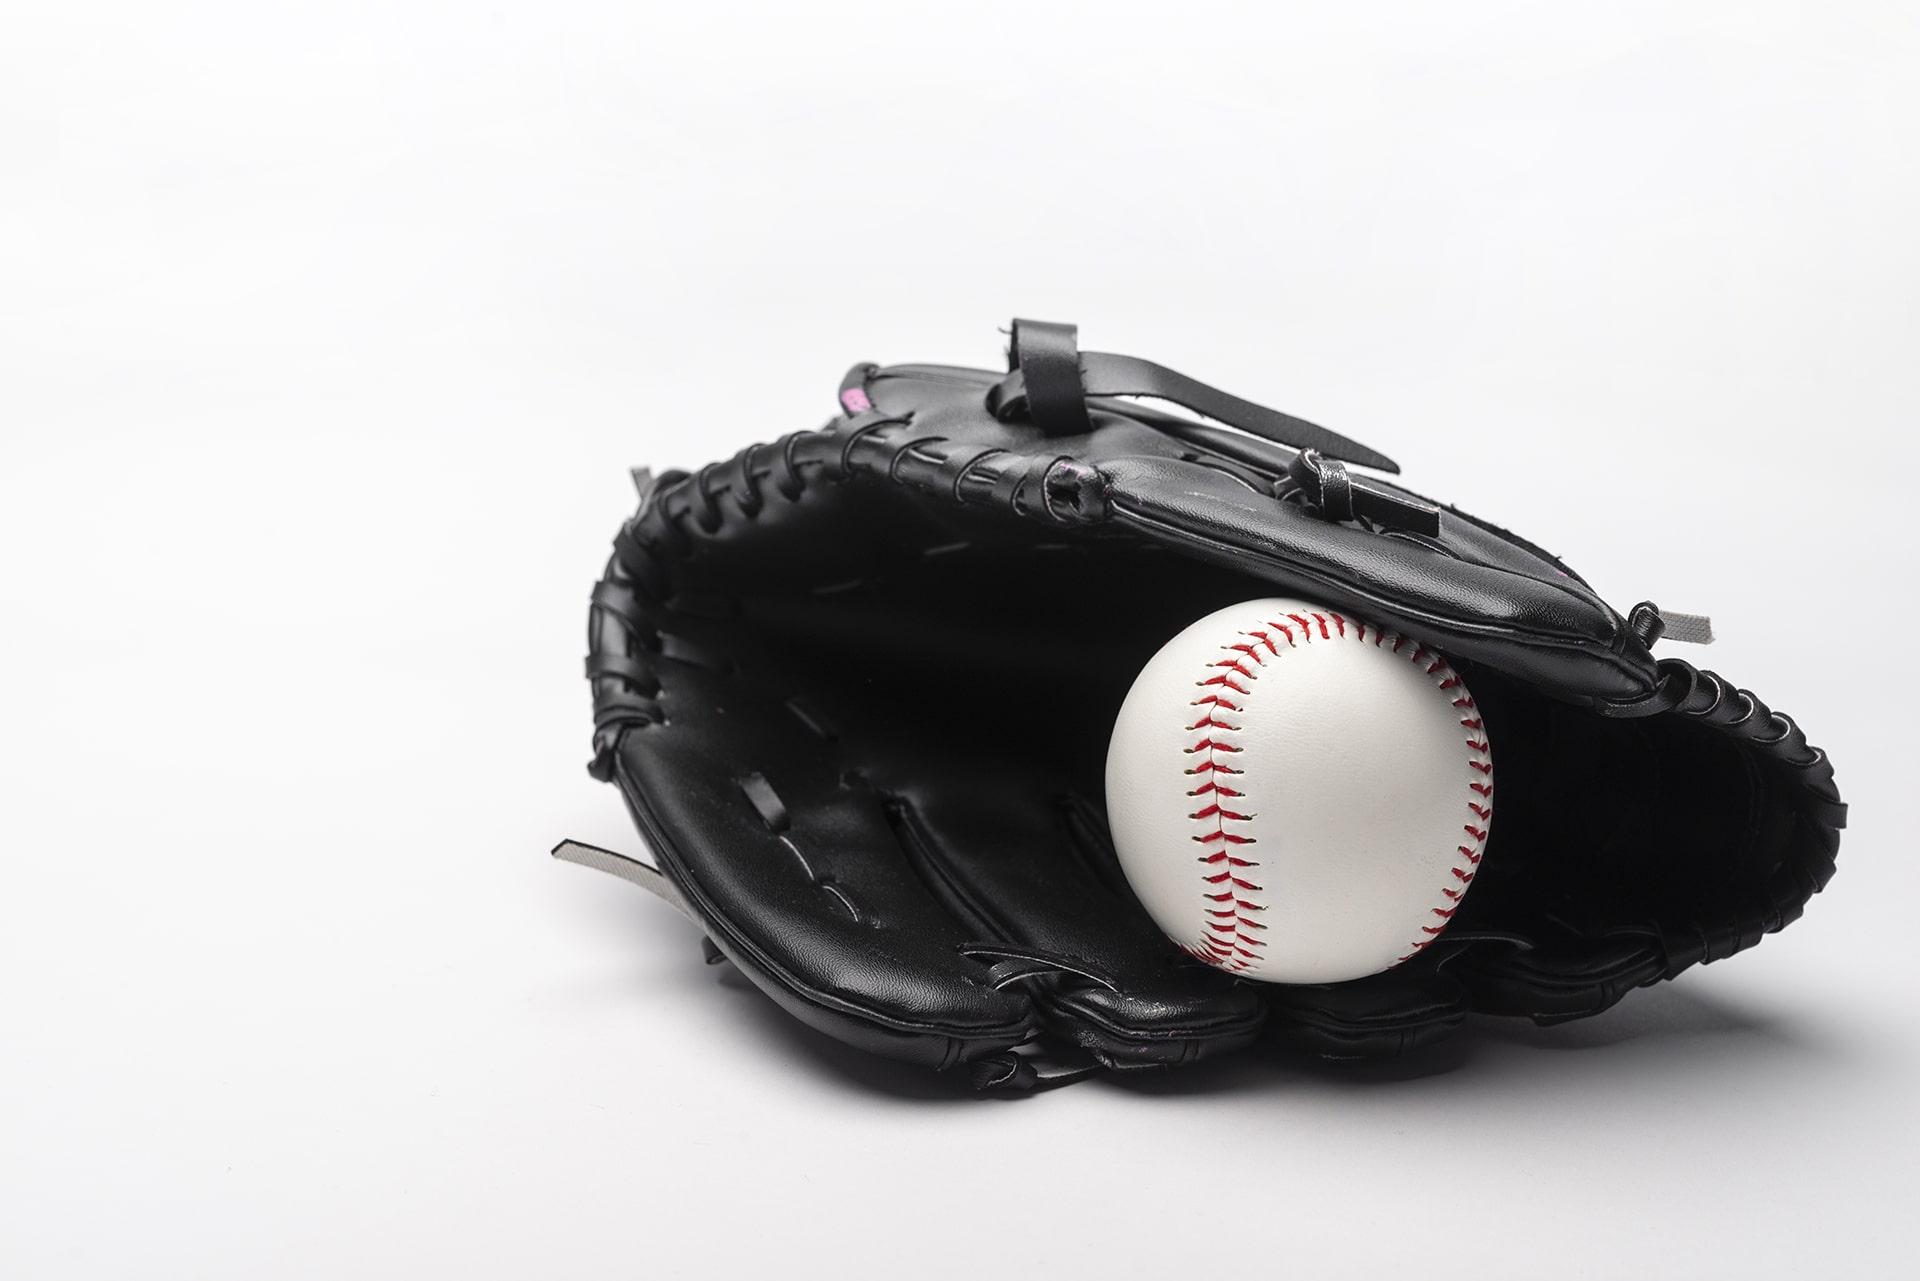 Béisbol y lesiones